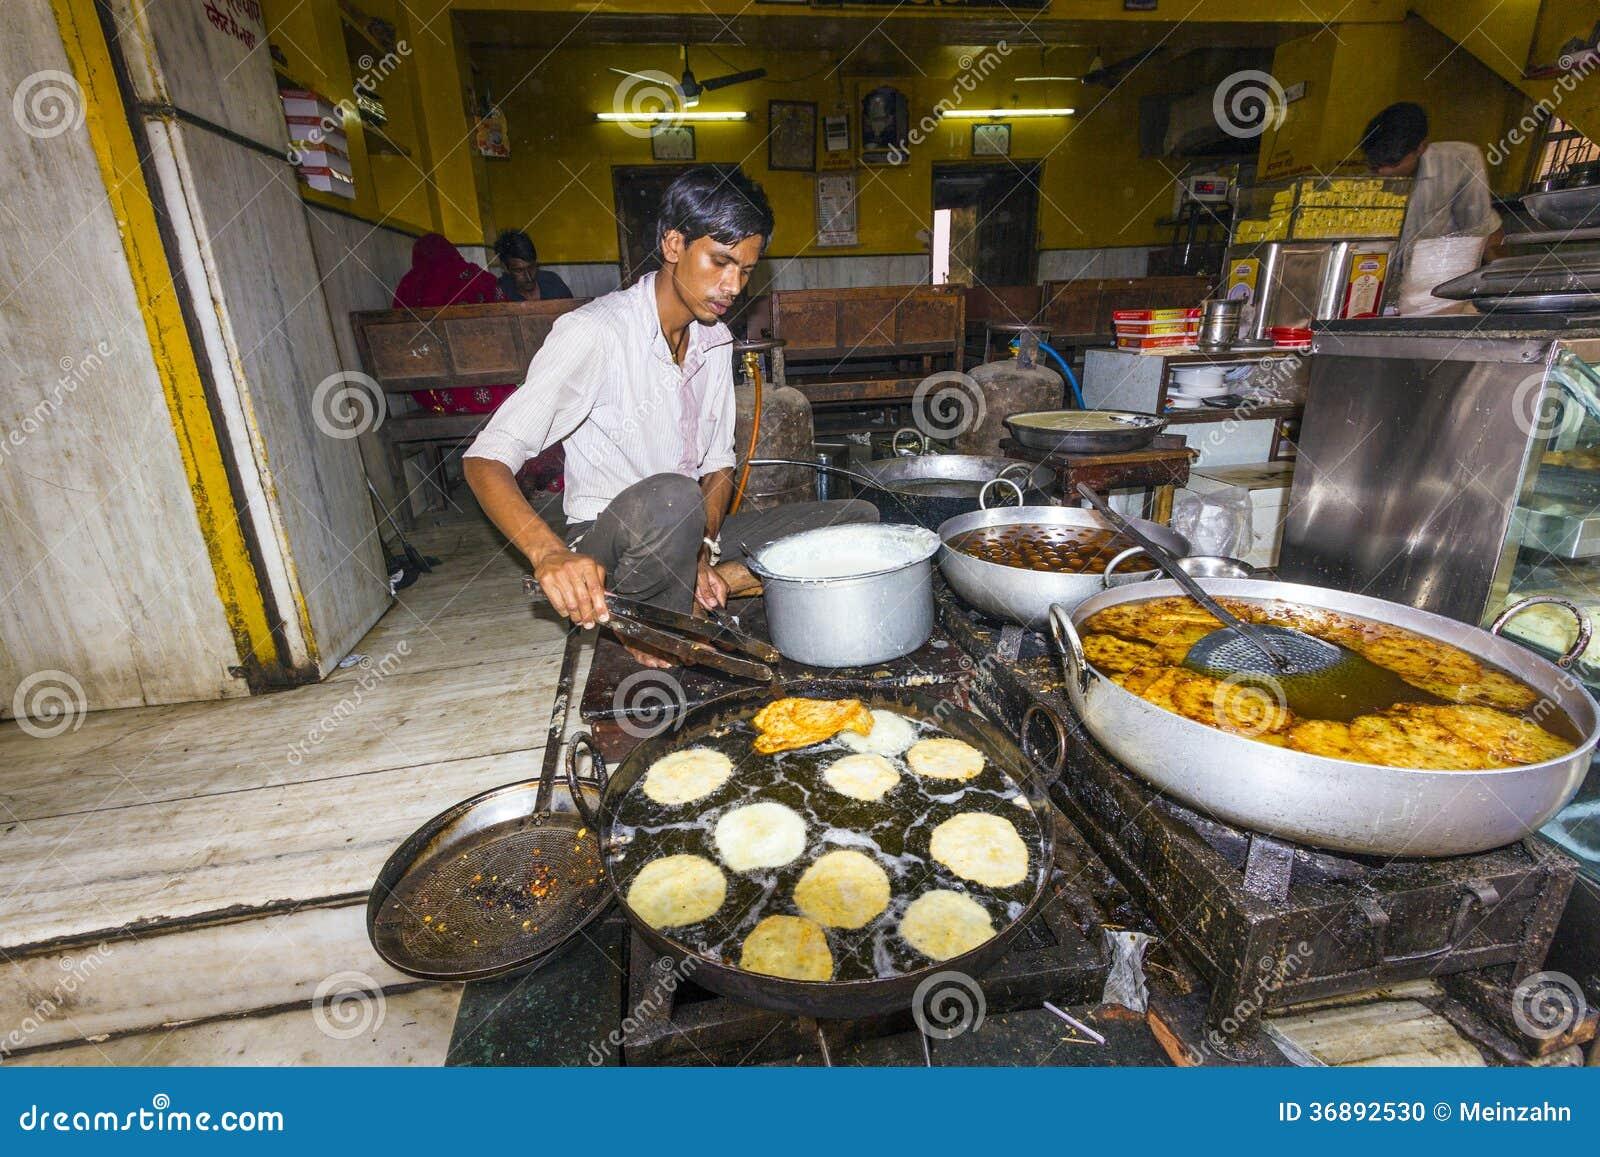 Download Il Panettiere Prepara La Pagnotta Piana Rotonda Tradizionale In Pushkar, India Immagine Editoriale - Immagine di asia, anziano: 36892530